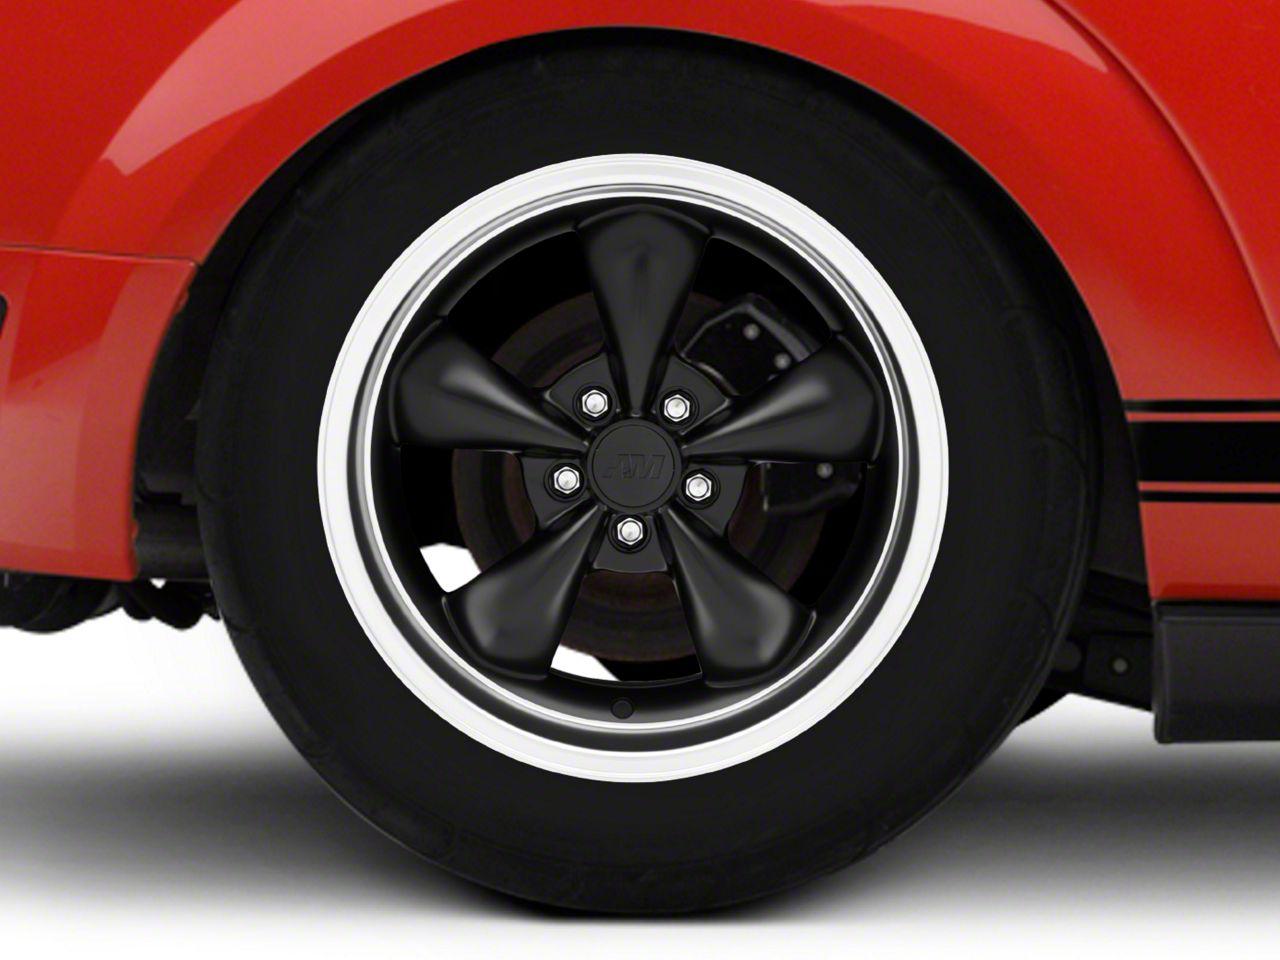 Bullitt Deep Dish Matte Black Wheel - 18x10 - Rear Only (05-14 Standard GT, V6)